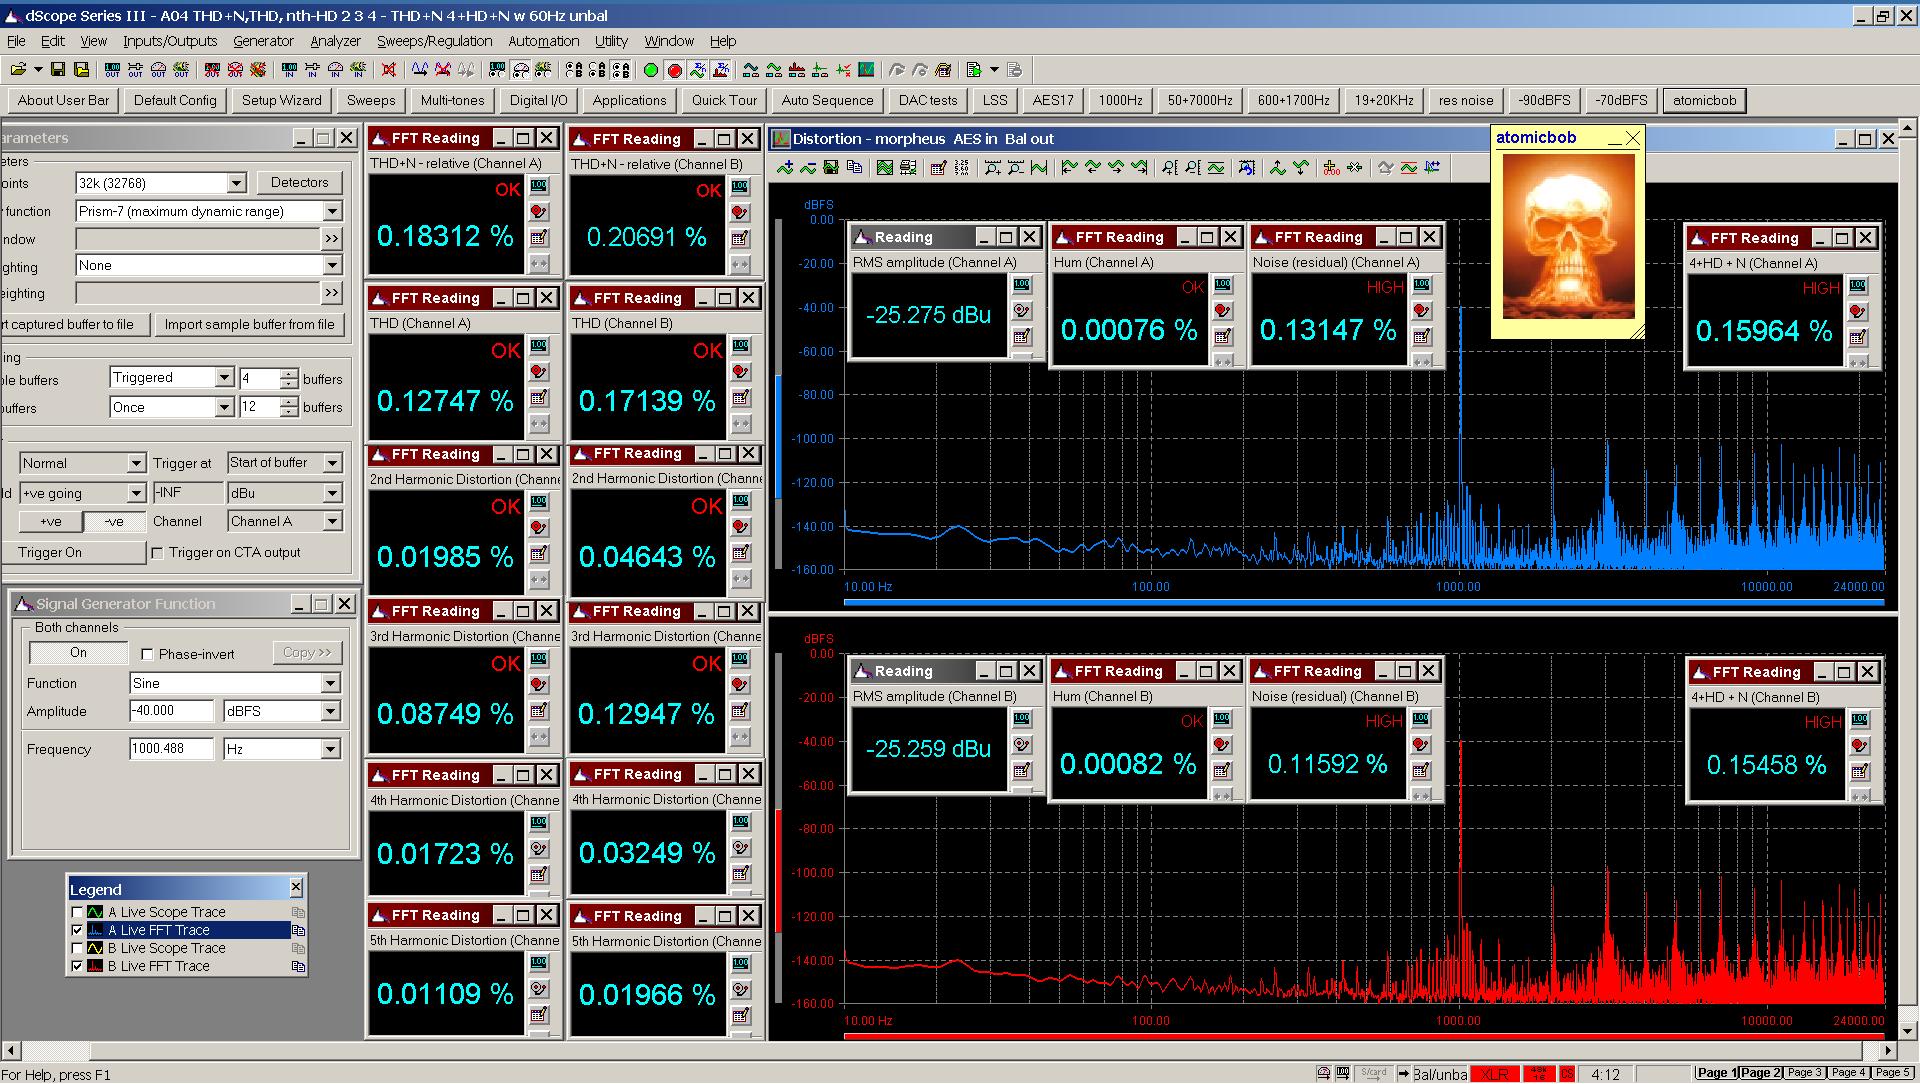 20200723 morpheus A04 THD+N THD nth-HD 4+HD+N 60Hz FFT Bal -40dBFS - AES.png